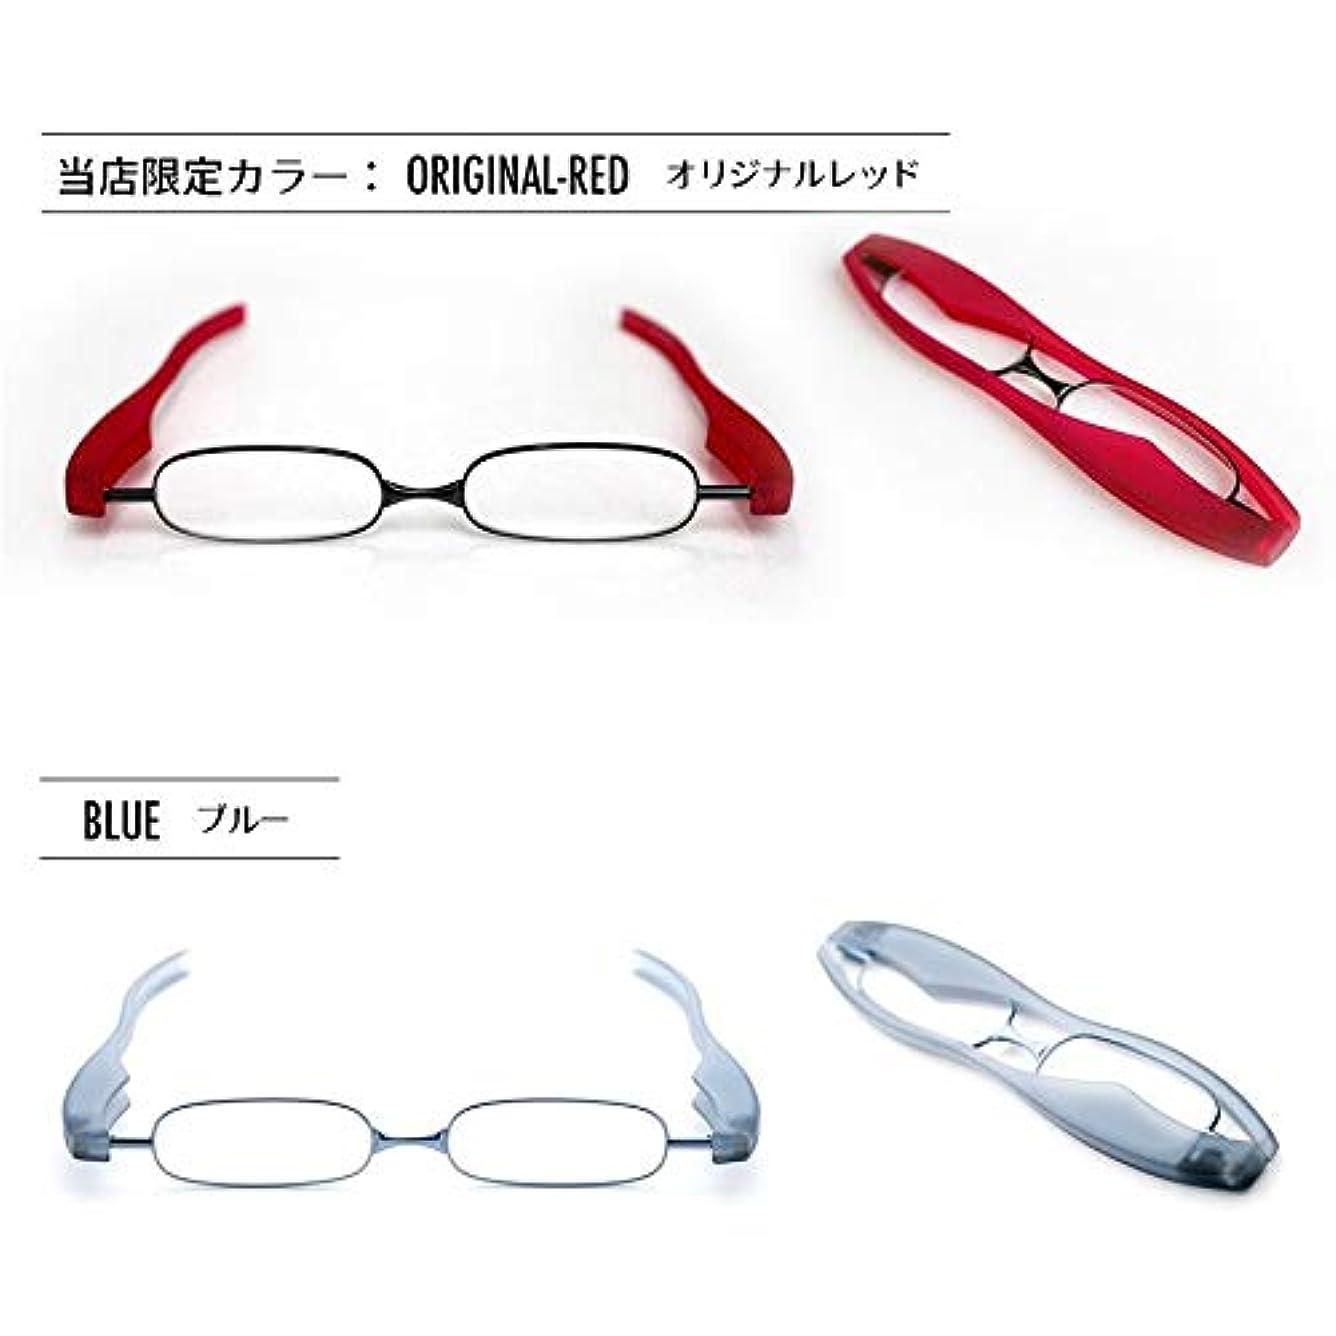 老眼鏡 ポットリーダースマート 2本セット【オリジナルレッド(1.0)】+【ブルー(2.0)】